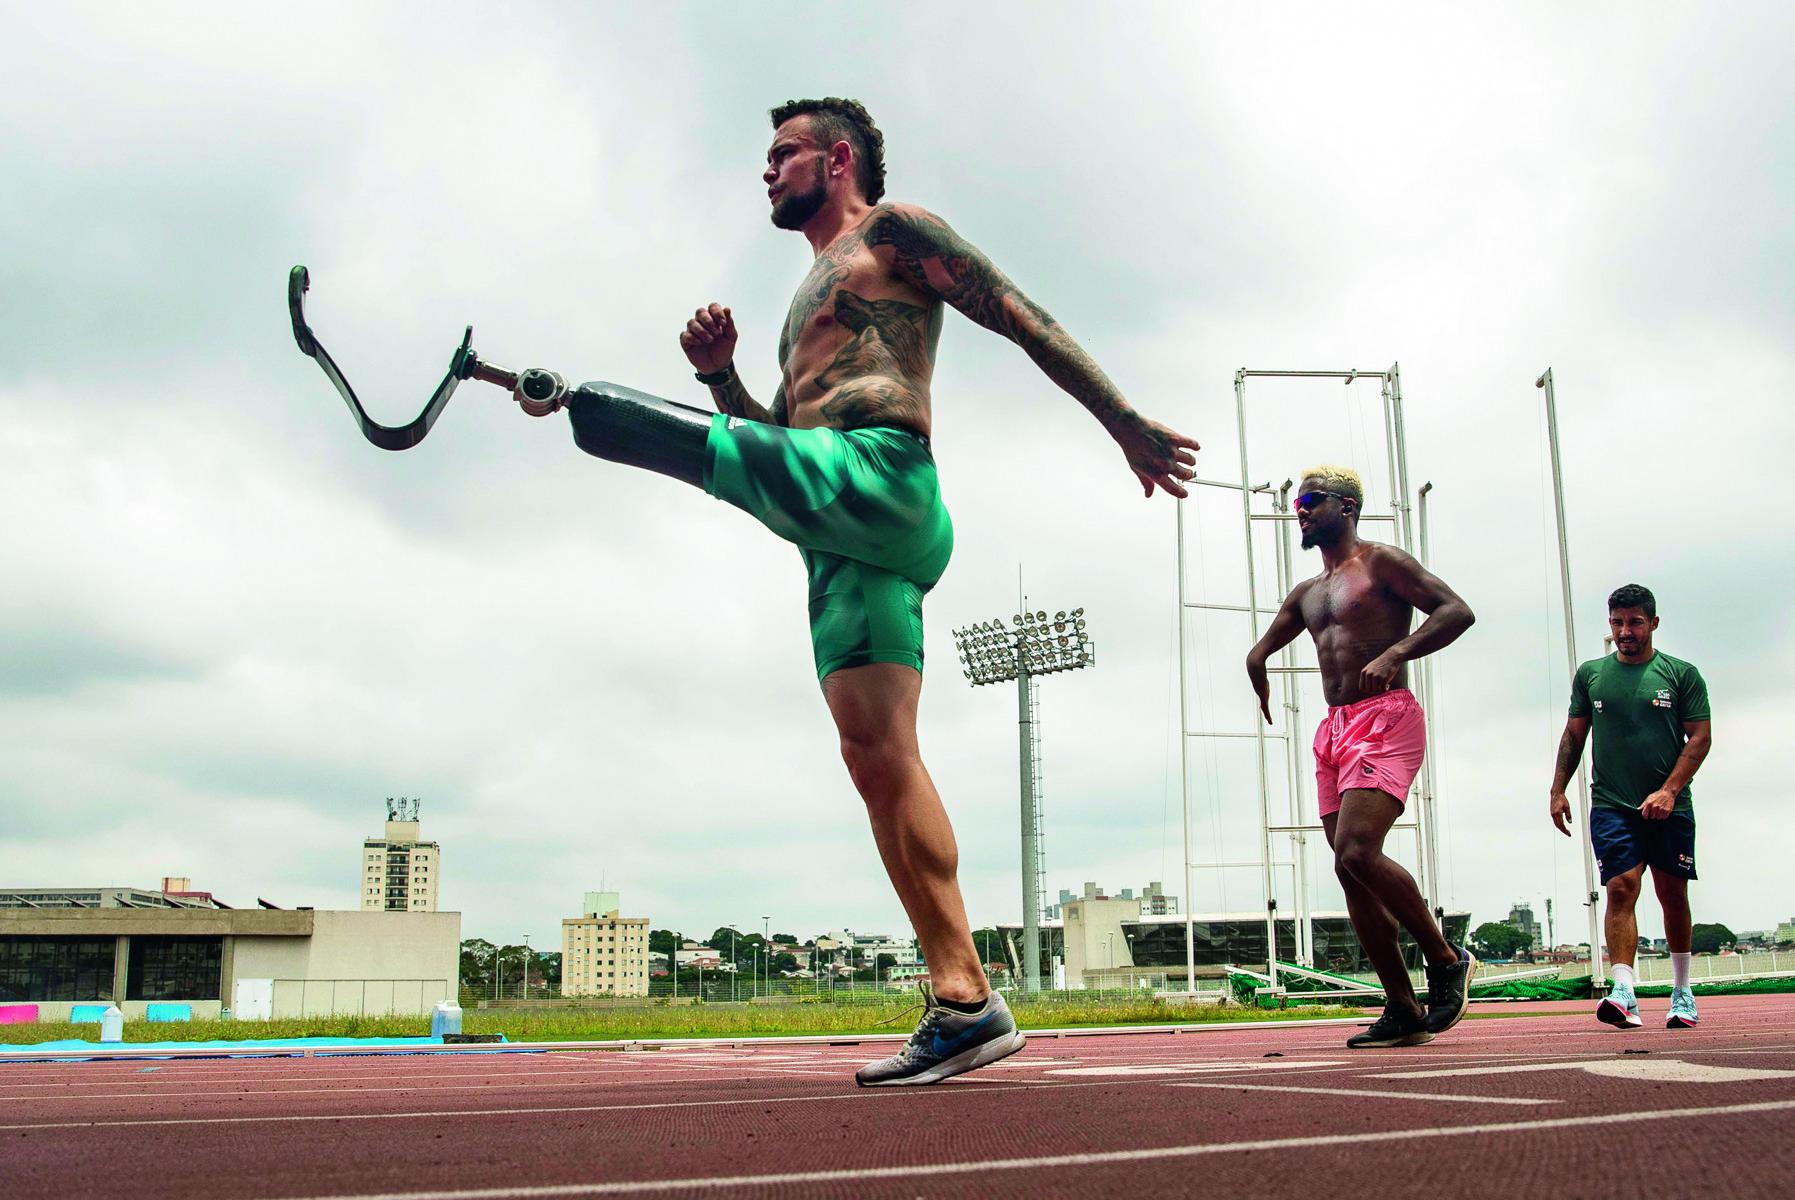 Atleta Vinícius Rodrigues, que tem uma perna amputada, levantando-a na pista de corrida. Há outros dois atletas atrás dele